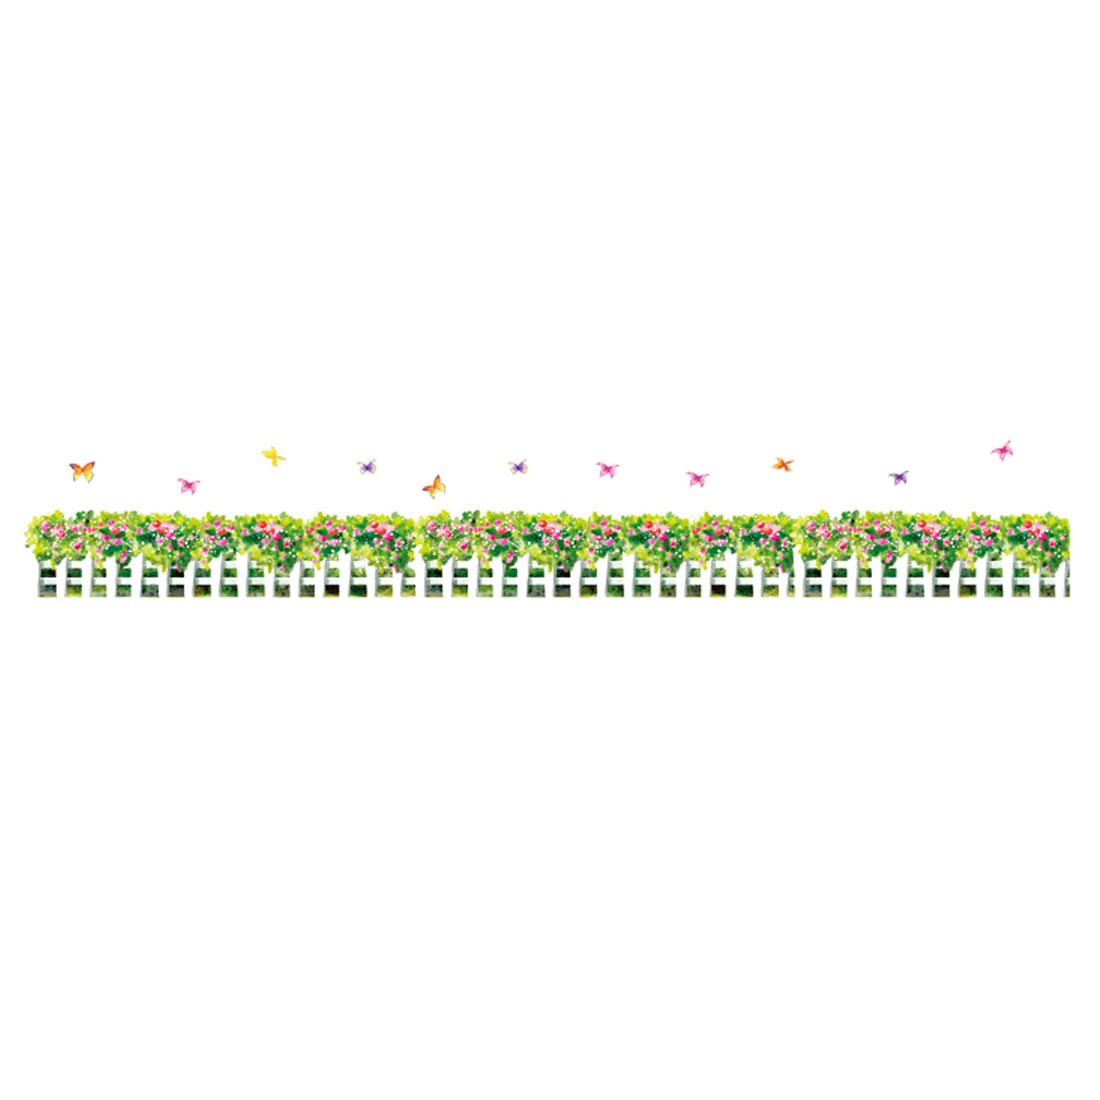 Home Living Room PVC Garden Grass Flower Pattern Wall Sticker Decal